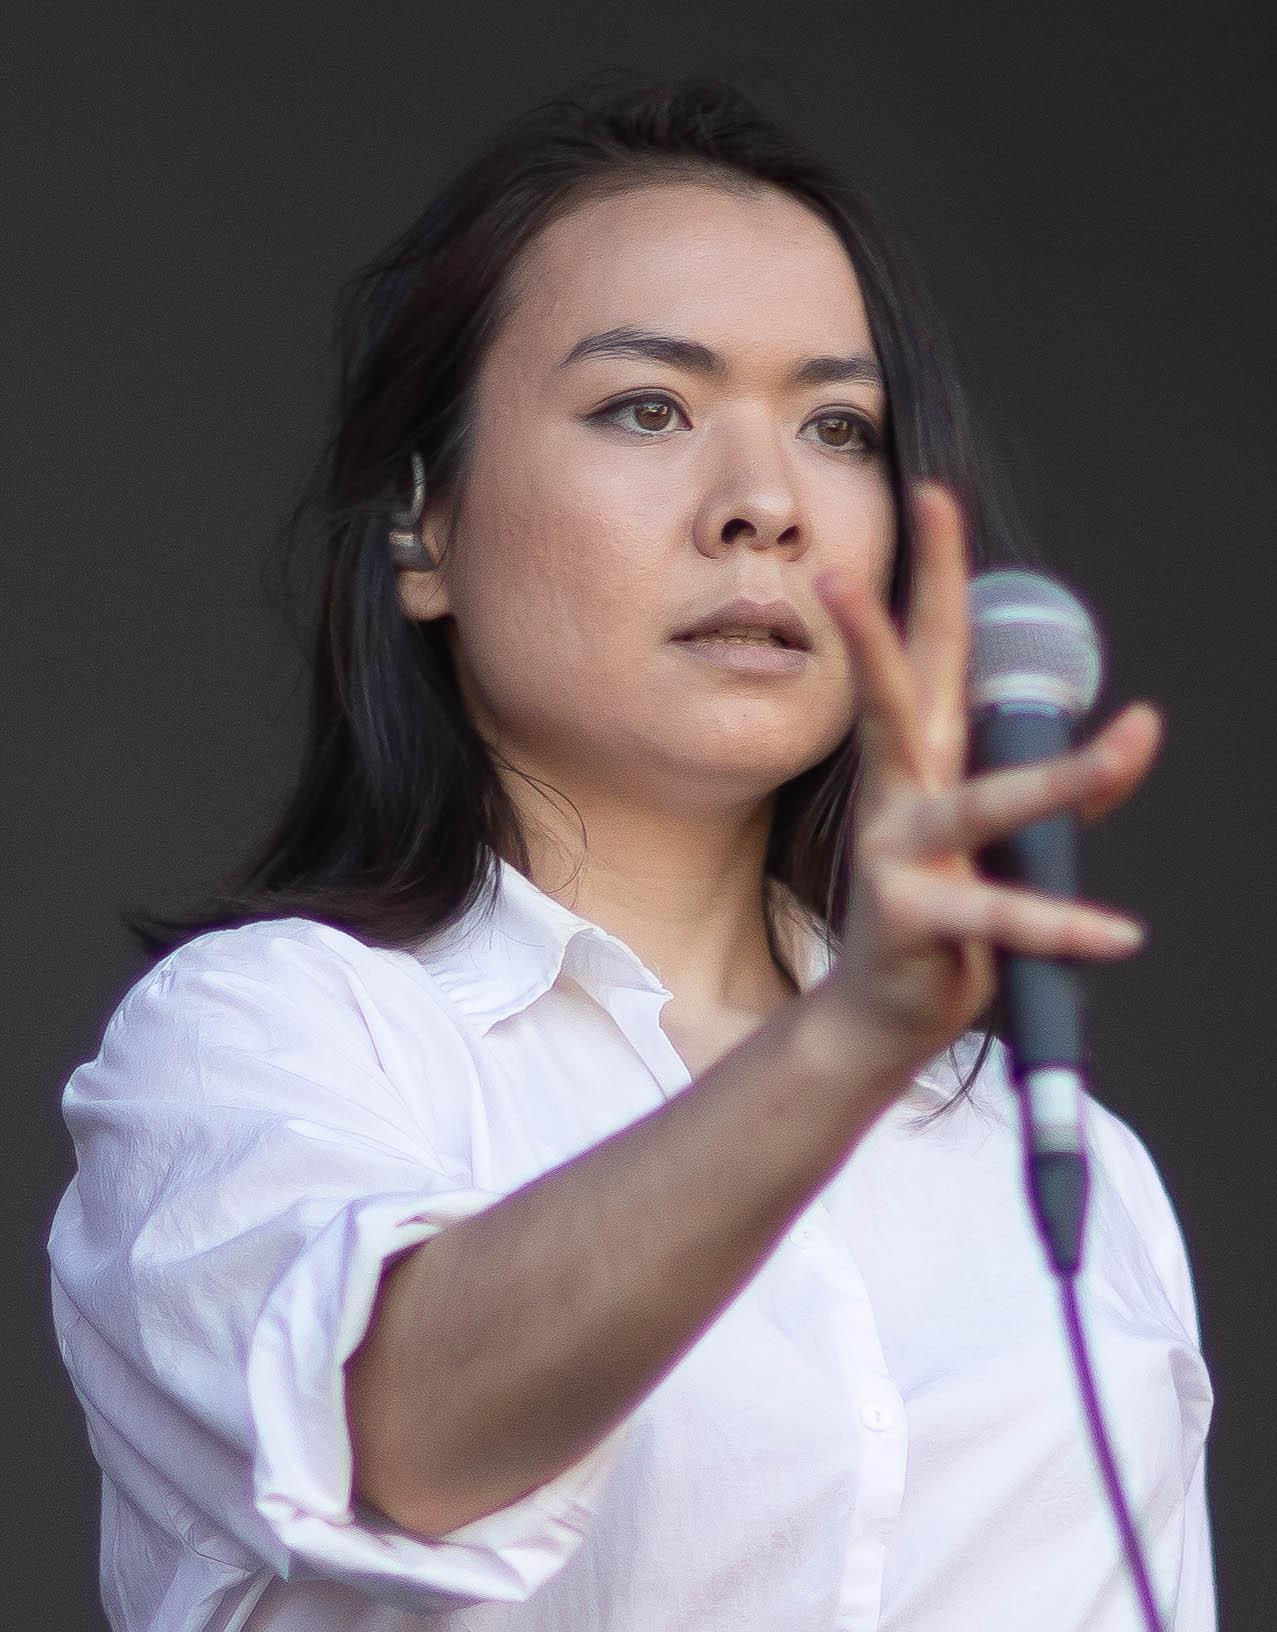 Singer Mitski - age: 30